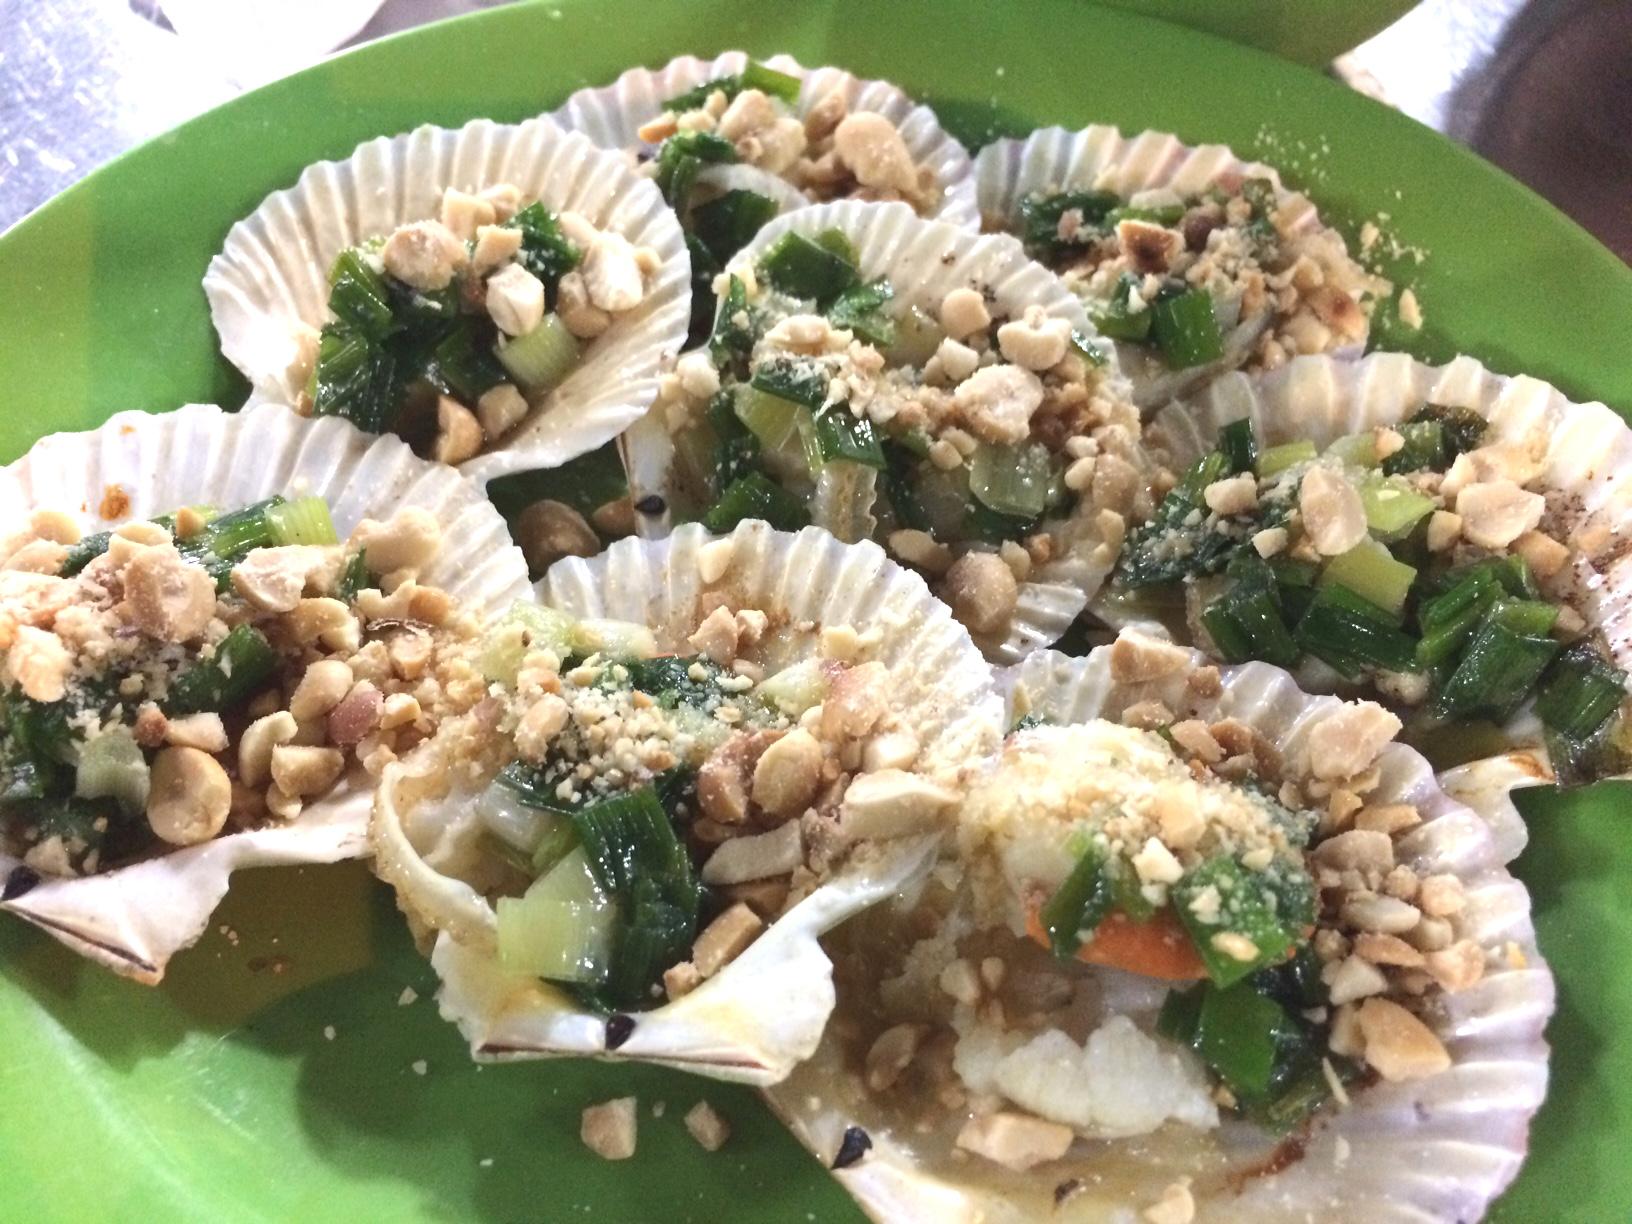 ローカル貝屋さんにて!こちらでは貝がすごい人気でバリエーションも豊富です!